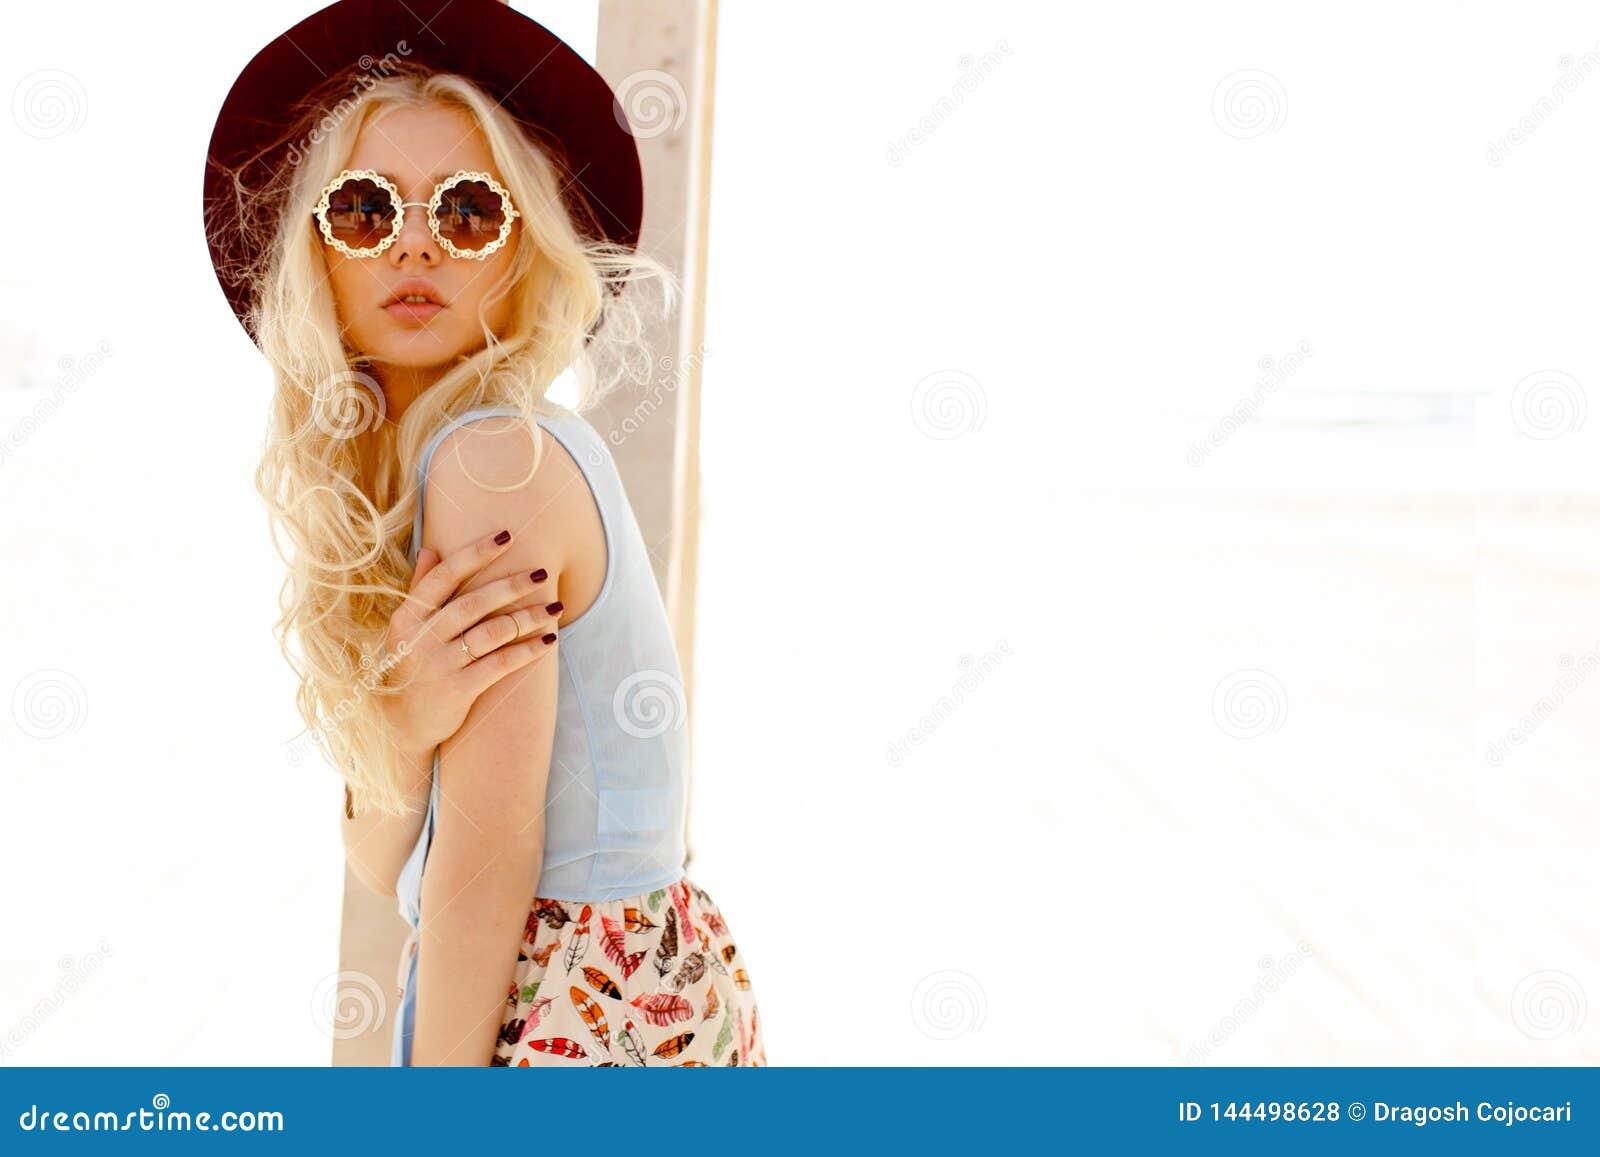 Profil av en sexig blond flicka med runt glasögon, lockigt hår och burgundy hatt som isoleras på havsbakgrunden